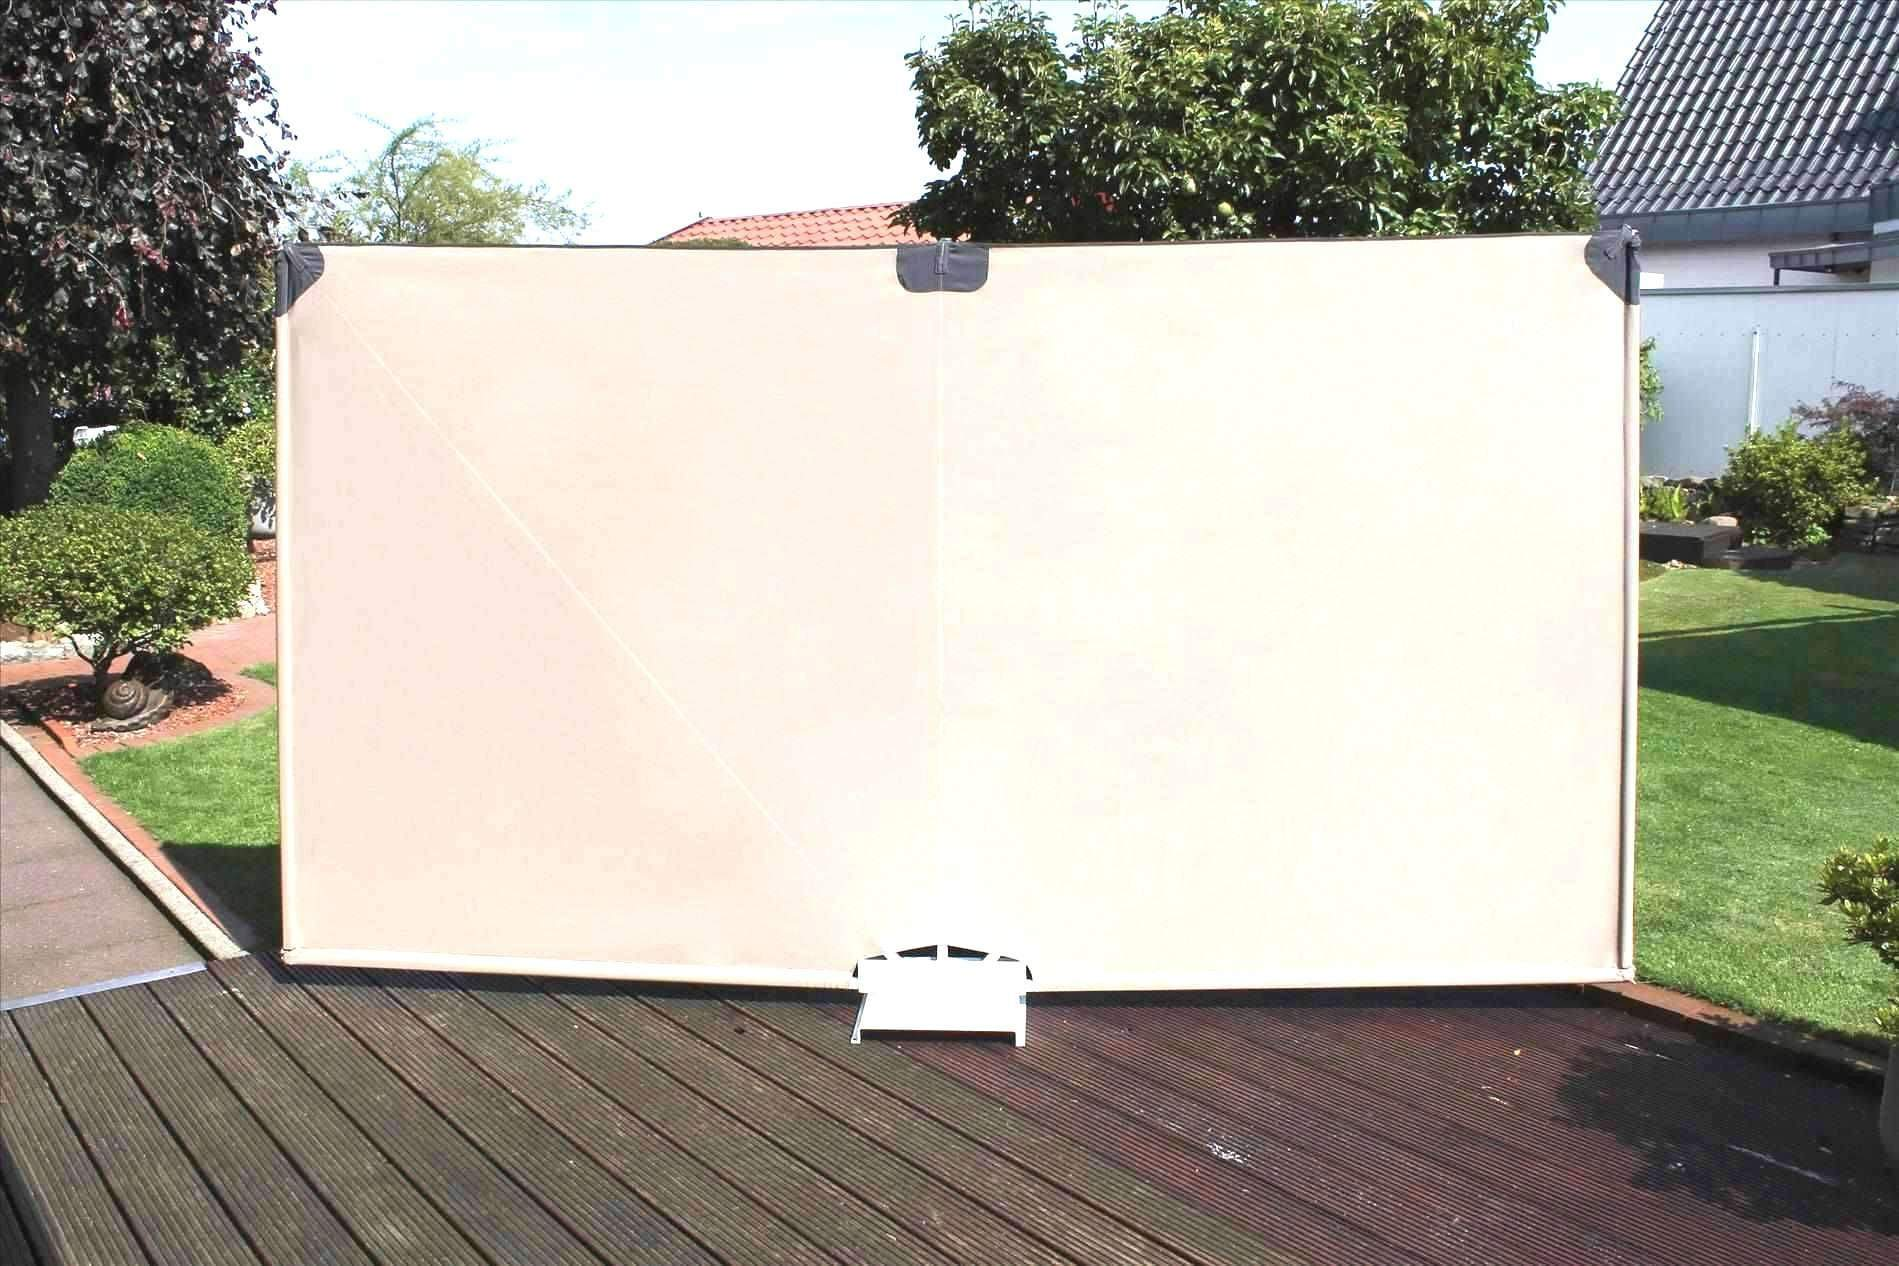 garten sichtschutzelemente sichtschutz garten terrasse beste schiebegardine blumenrispe i 0d of garten sichtschutzelemente 3